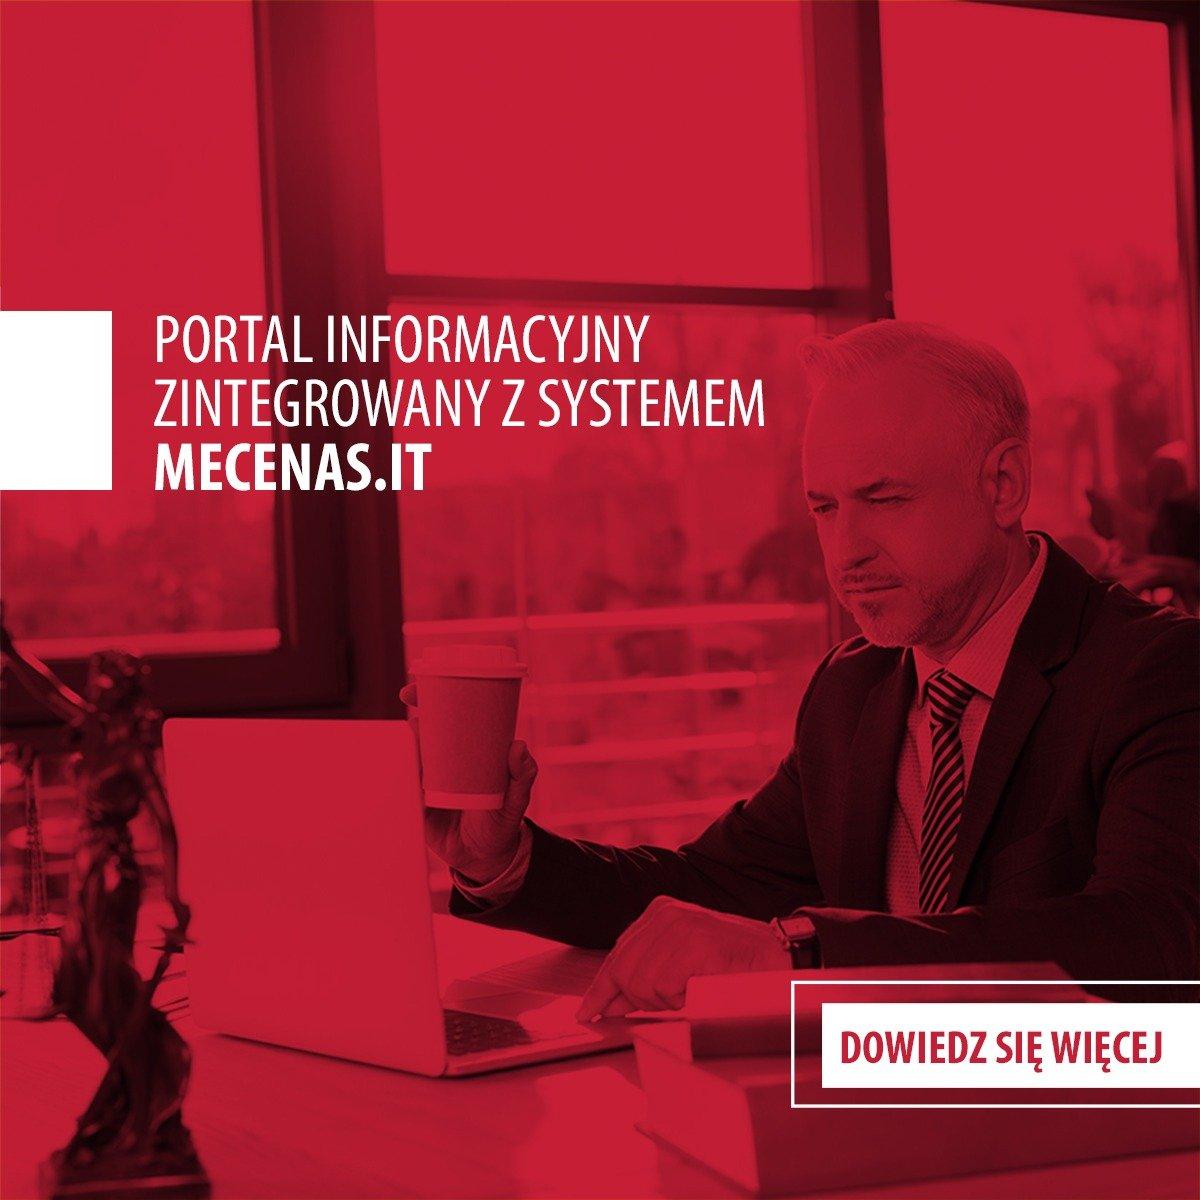 Portal Informacyjny zintegrowany z systemem Mecenas.iT